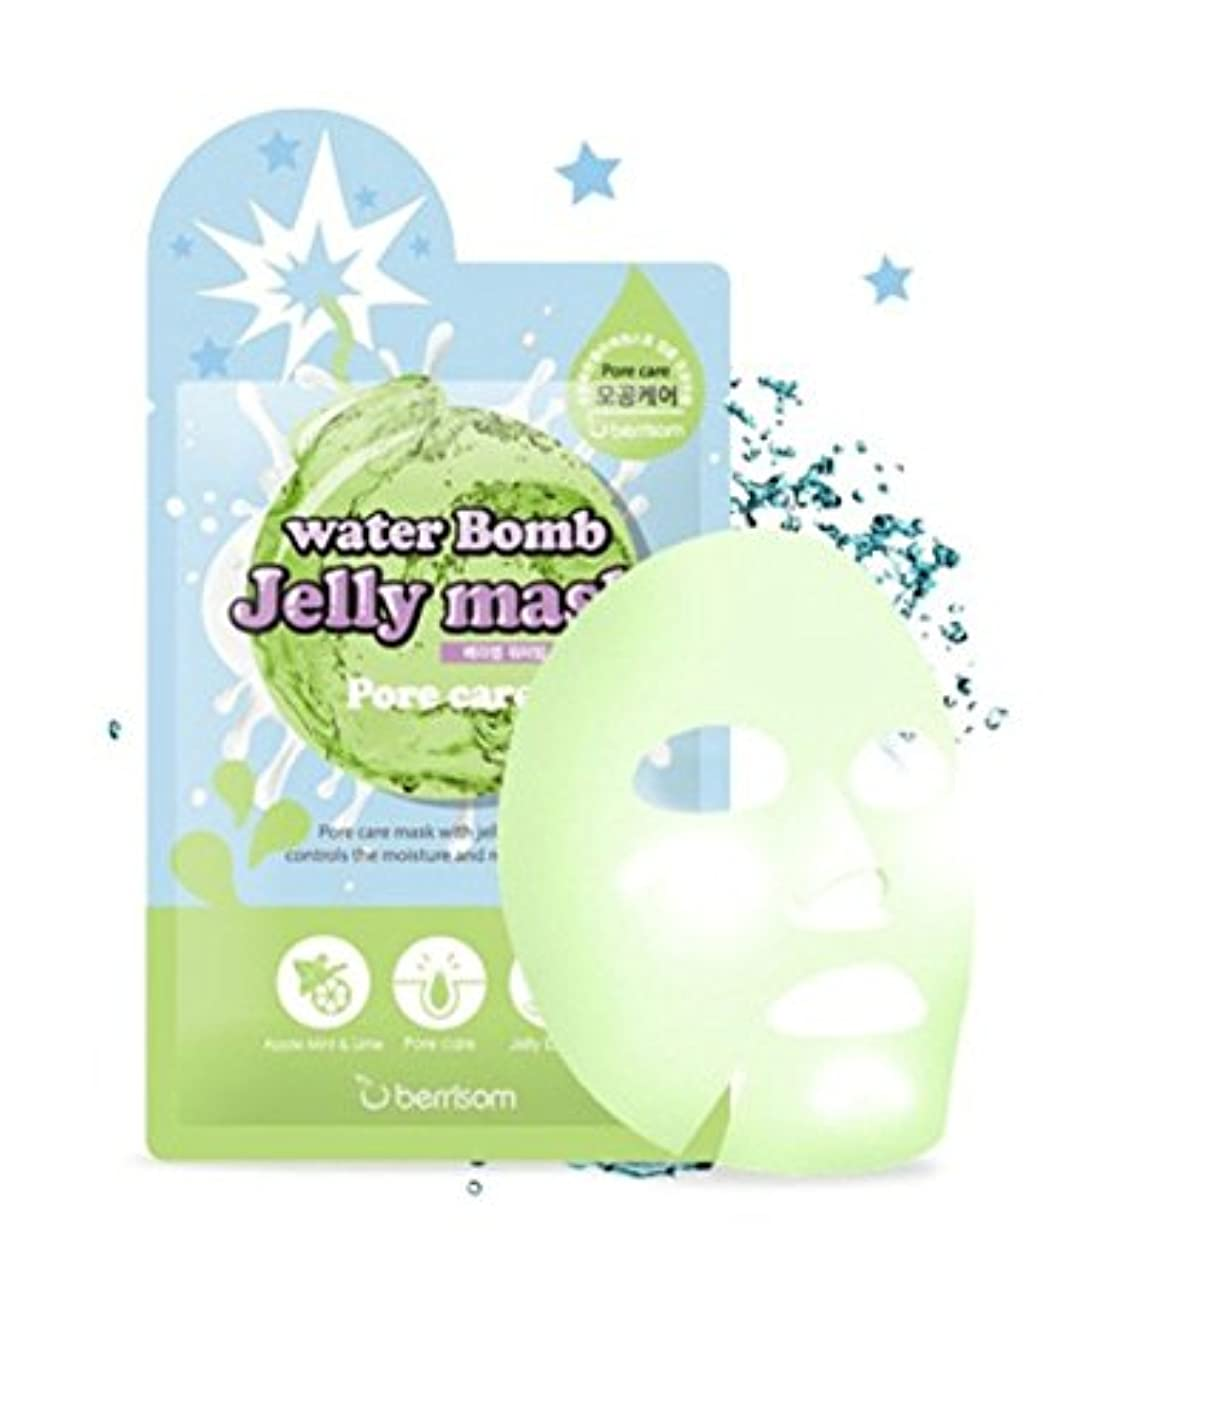 横に啓示助けになるベリサム(berrisom) ウォーター爆弾ジェリーマスクパック Water Bomb Jelly Mask #毛穴ケアー